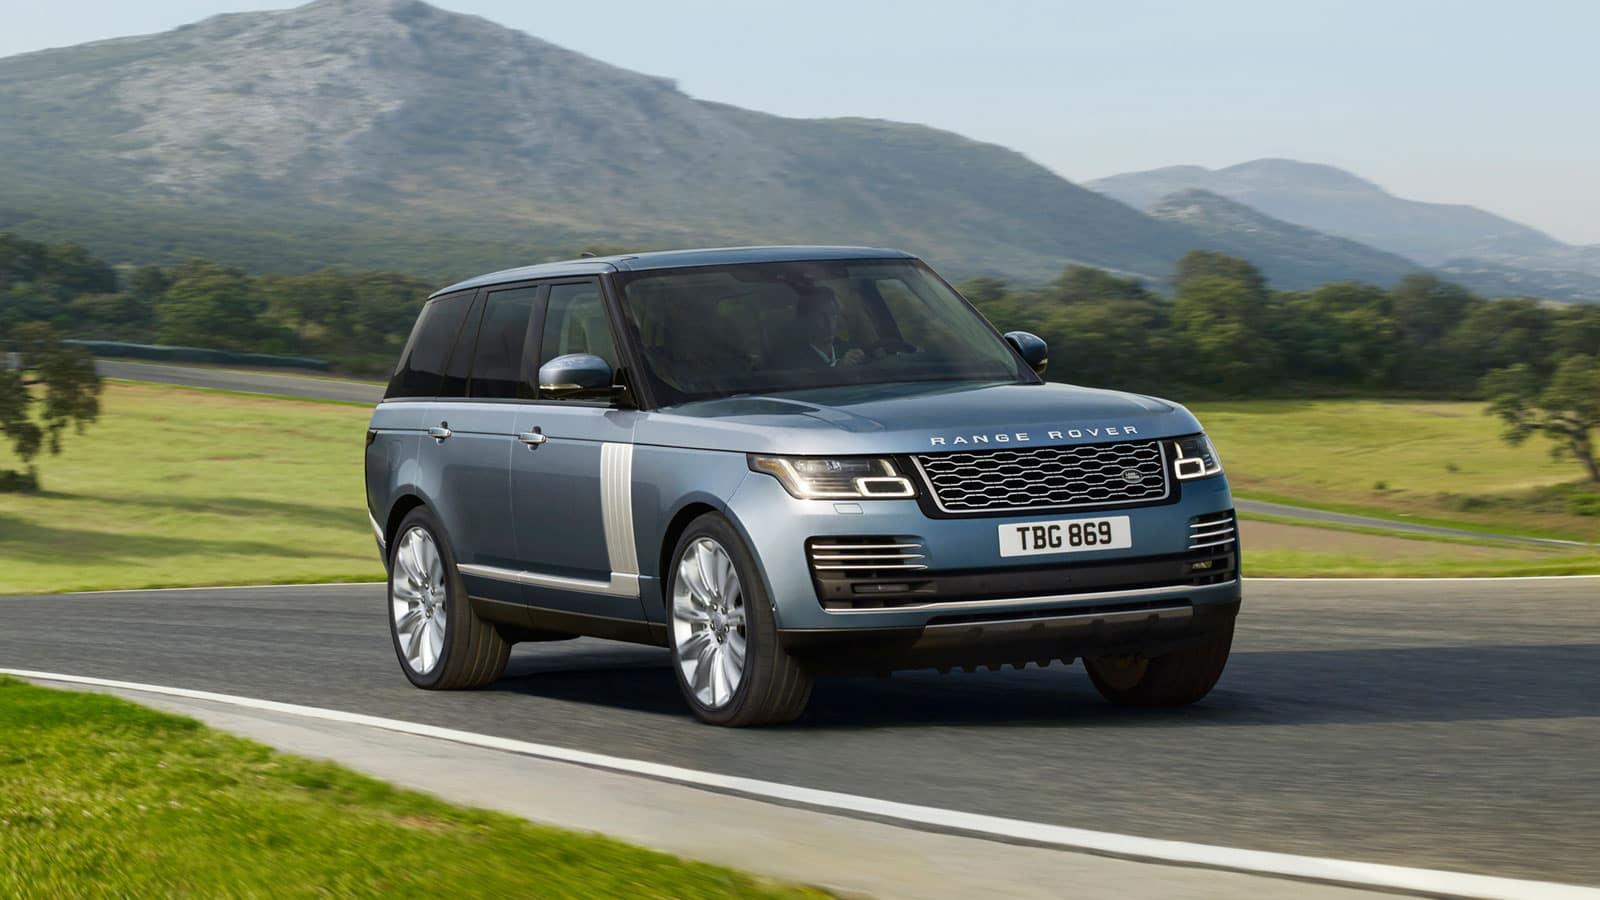 2019 Range Rover road